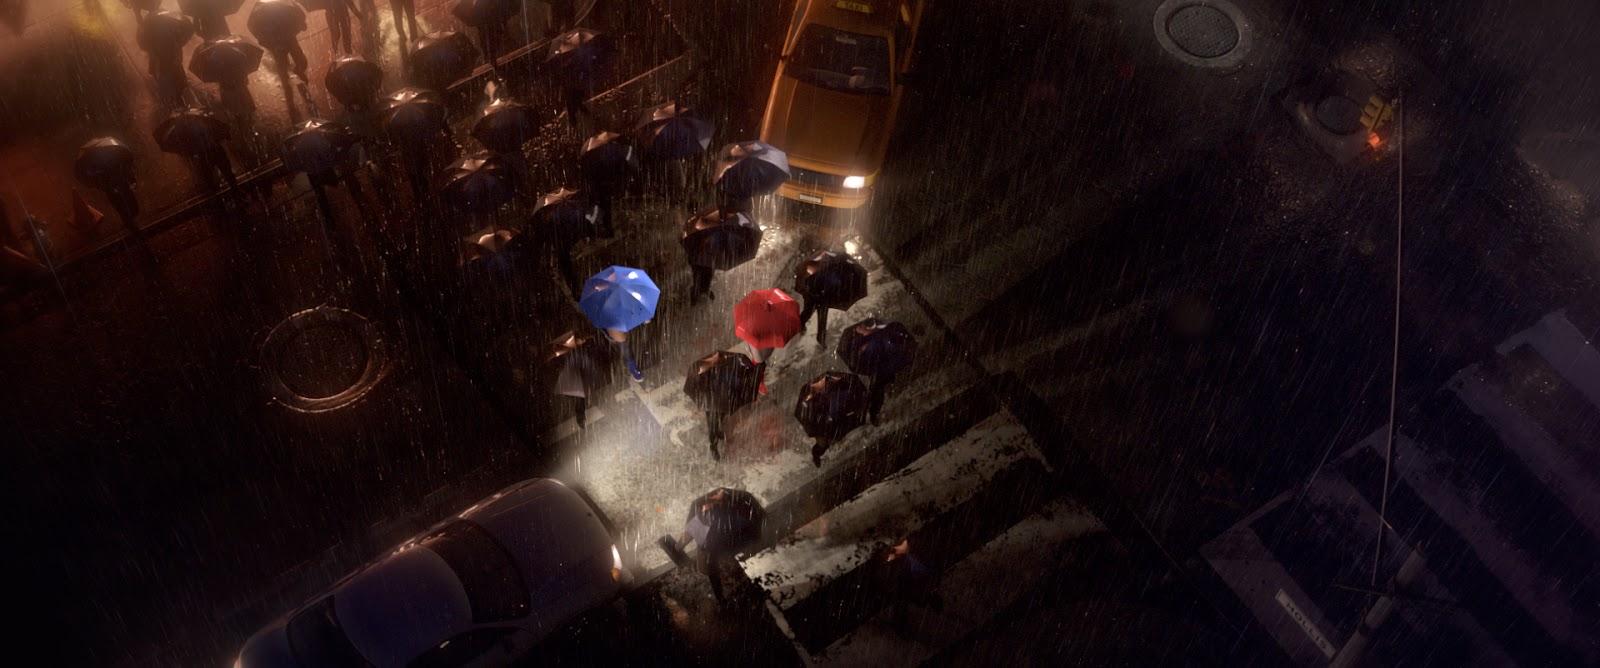 A New Pixar Short The Blue Umbrella